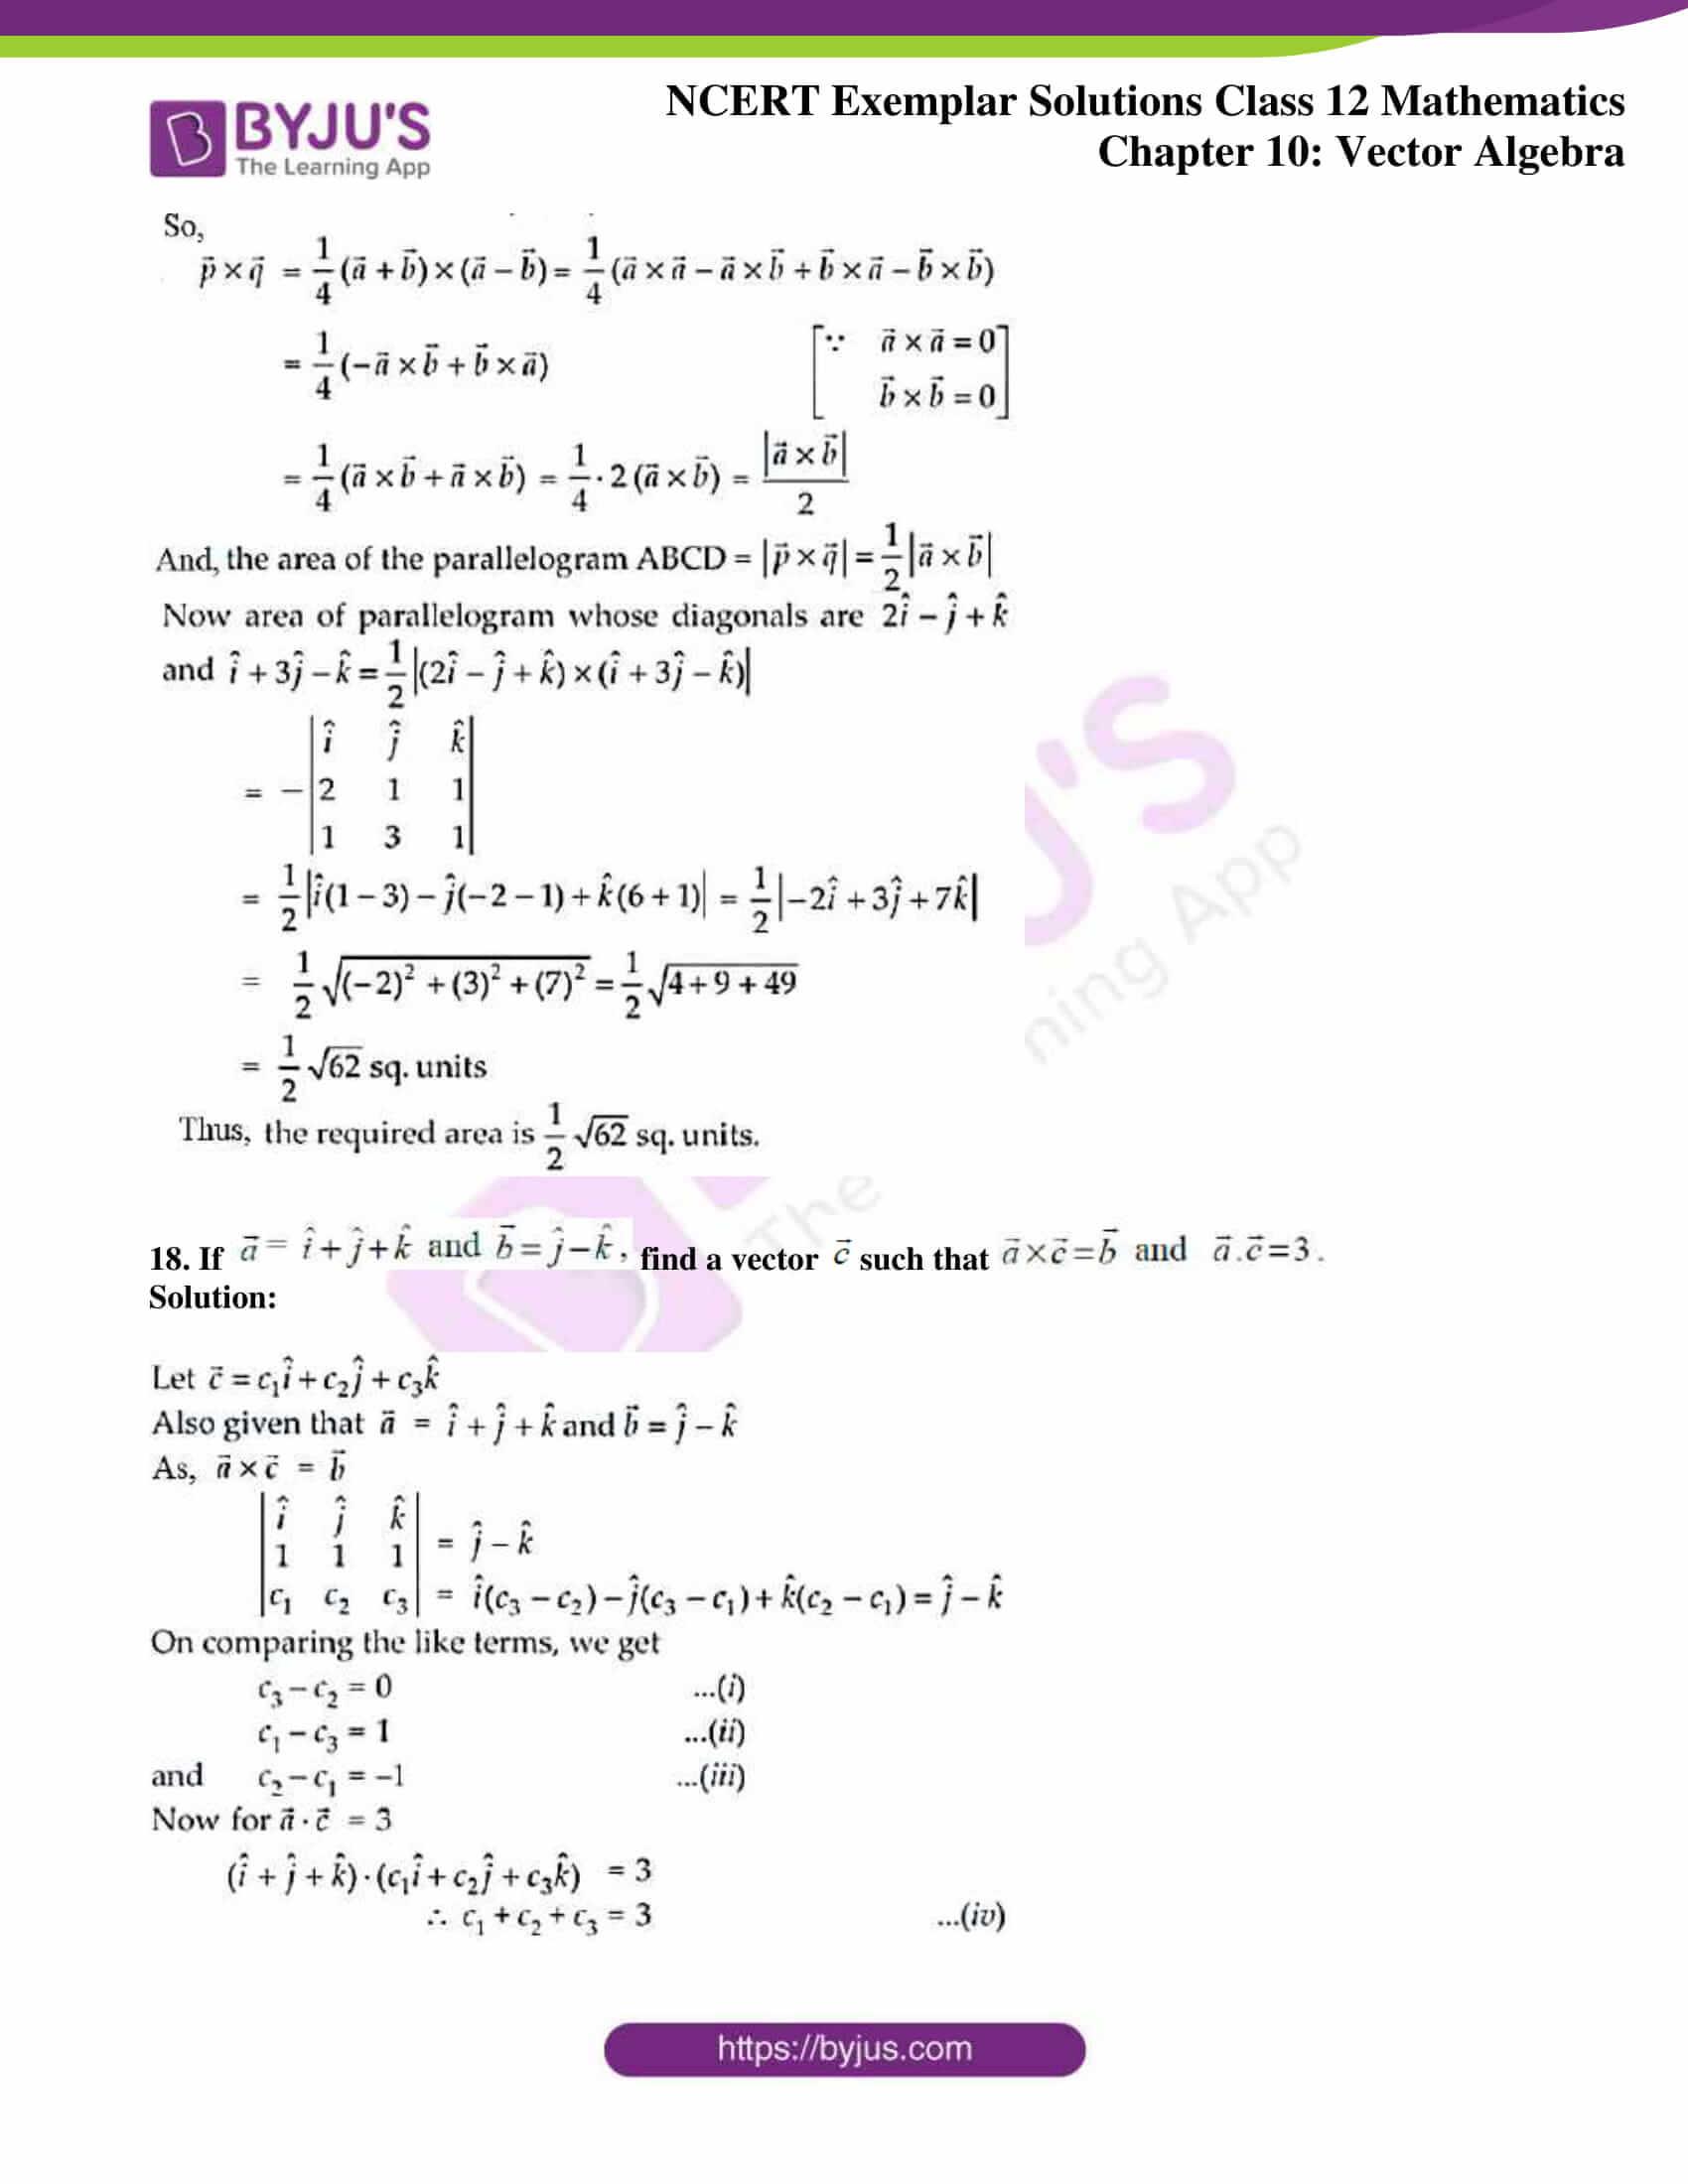 ncert exemplar sol class 12 mathematics ch 10 10